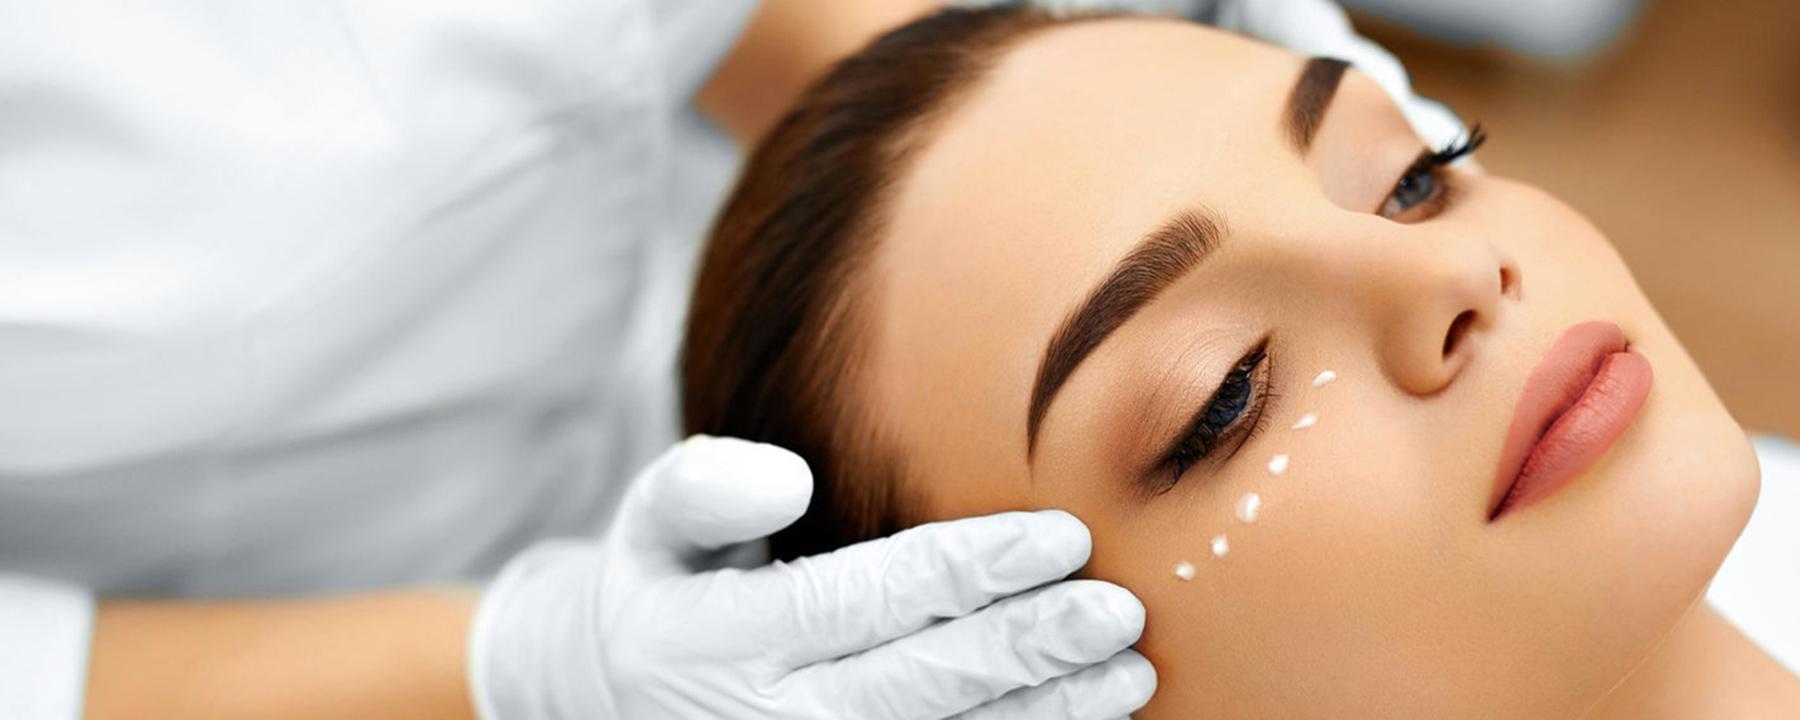 dermatologo-napoli-afragola-gaudiello-slide5